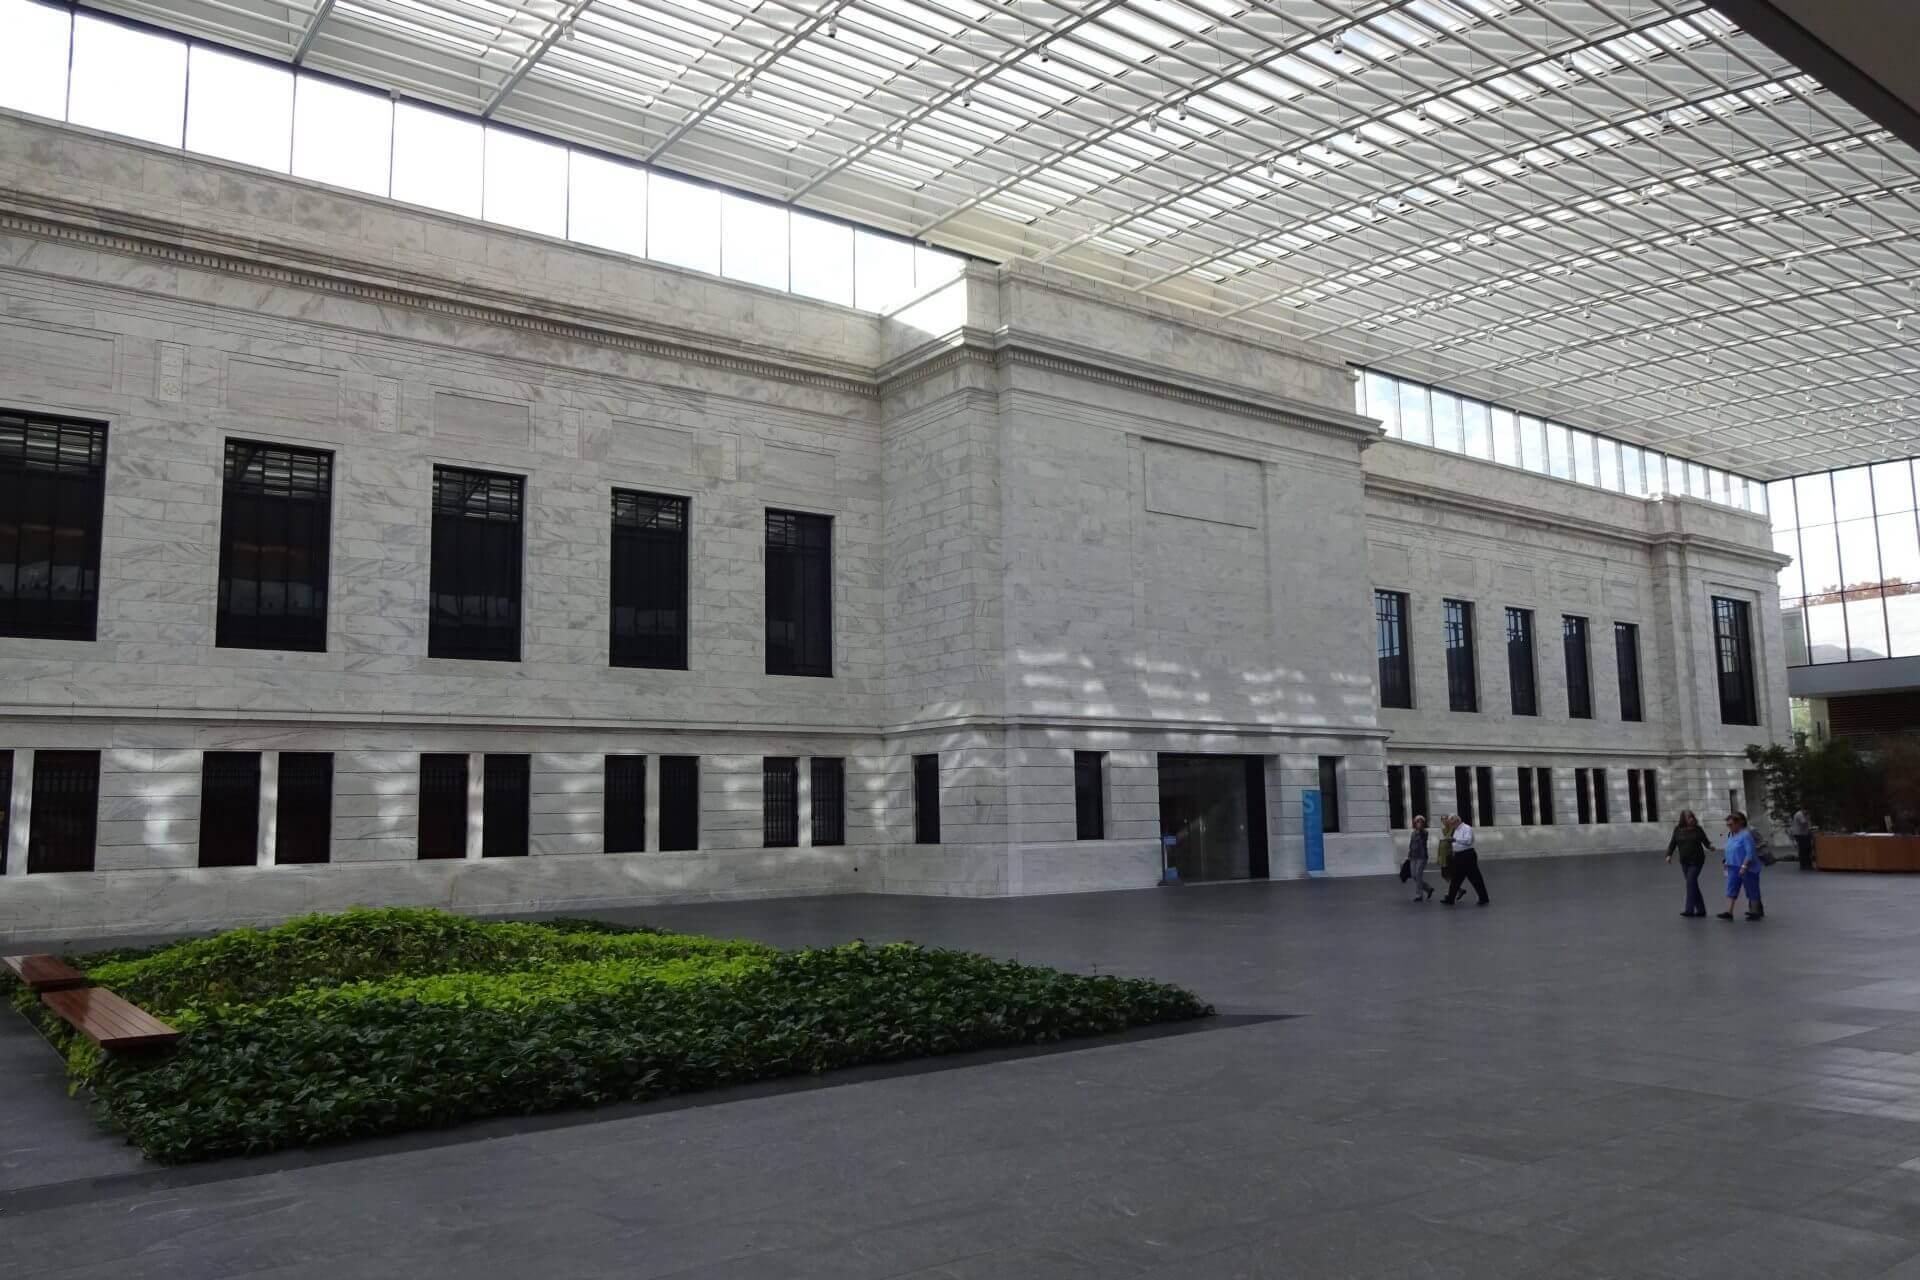 Innenansichten vom Cleveland Art Museum. Bilder und Eindrücke aus Cleveland, Ohio, United States.